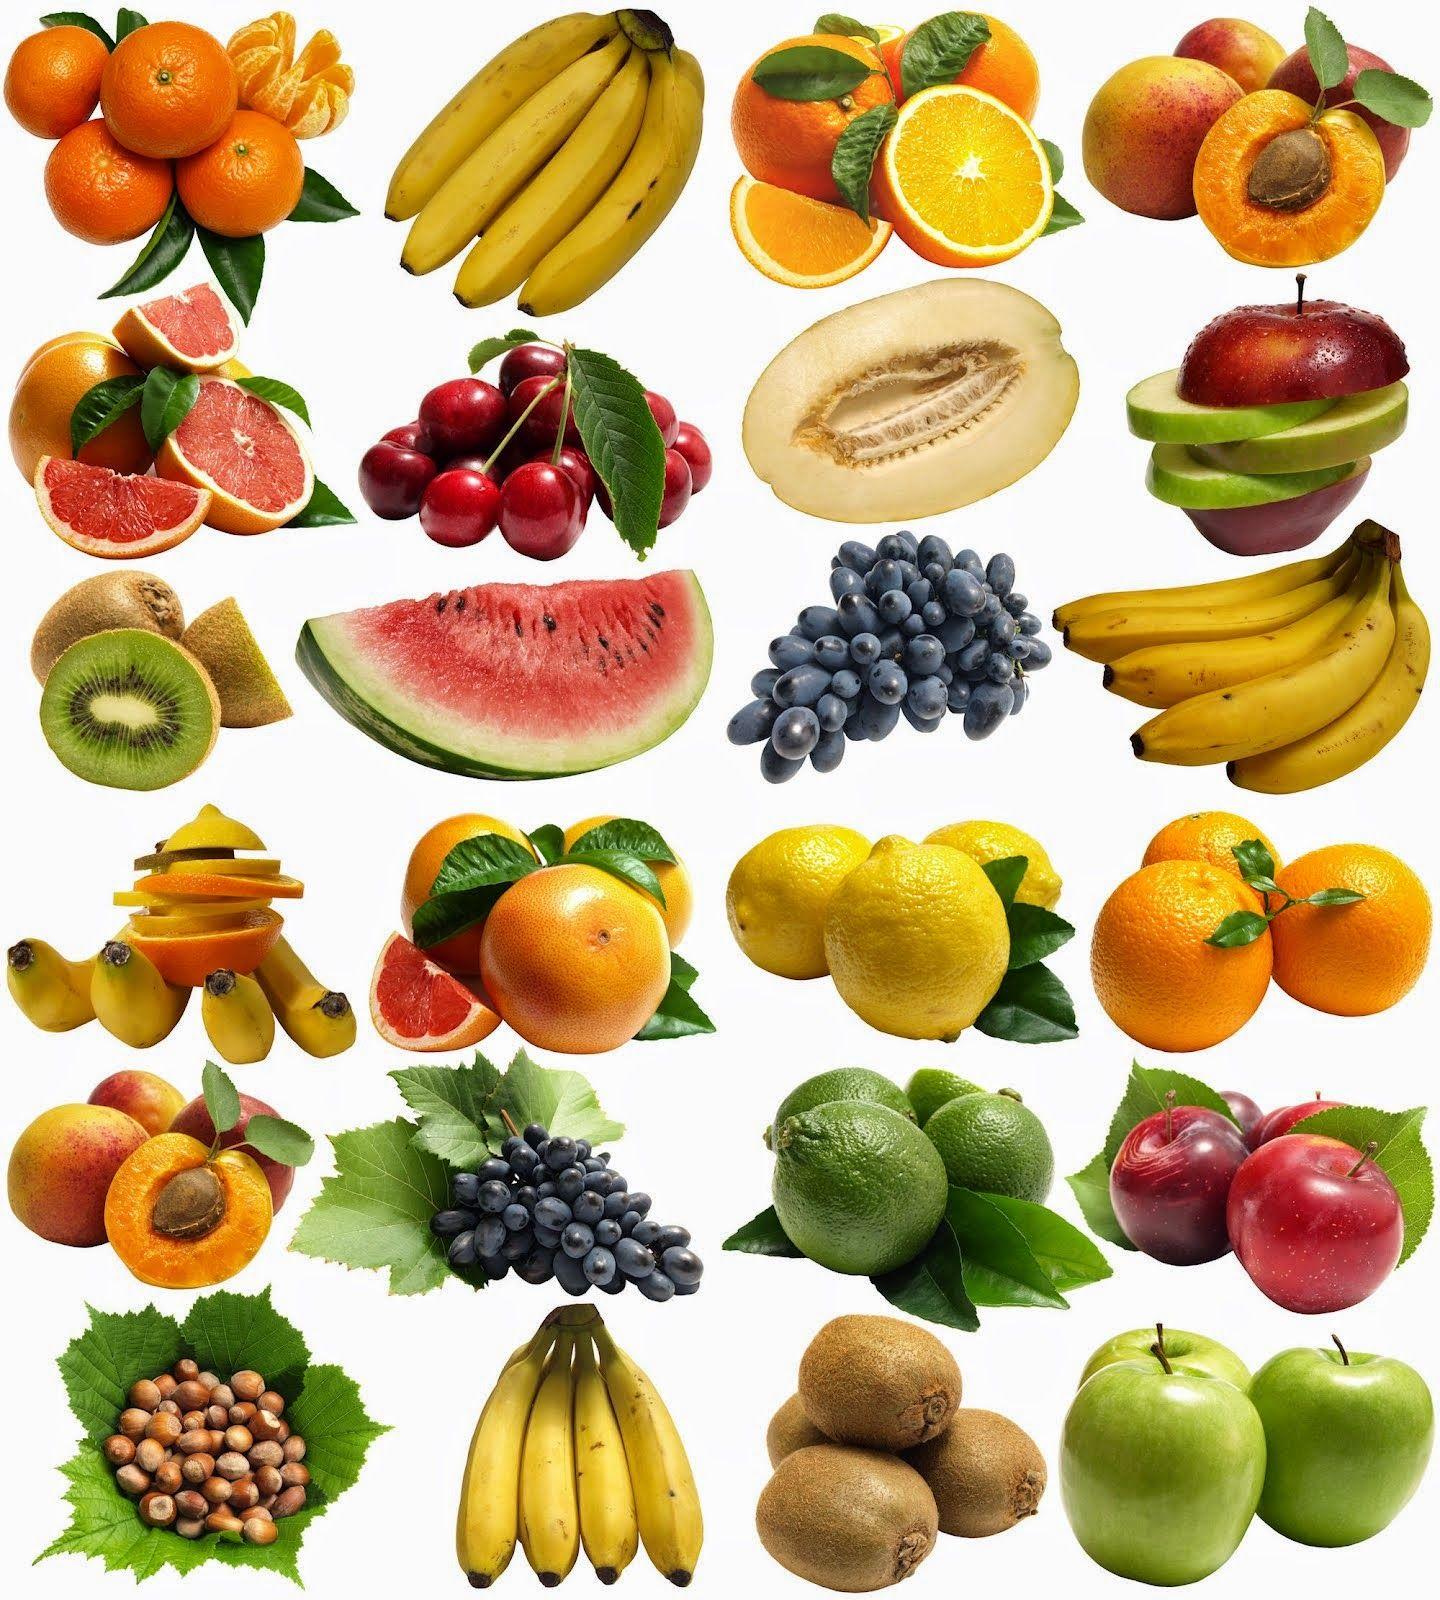 Trabajando En Educacion Infantil 10 Recetas Para Ninos As Con Frutas Frutas Acidas Y Dulces Frutas Y Verduras Fruta